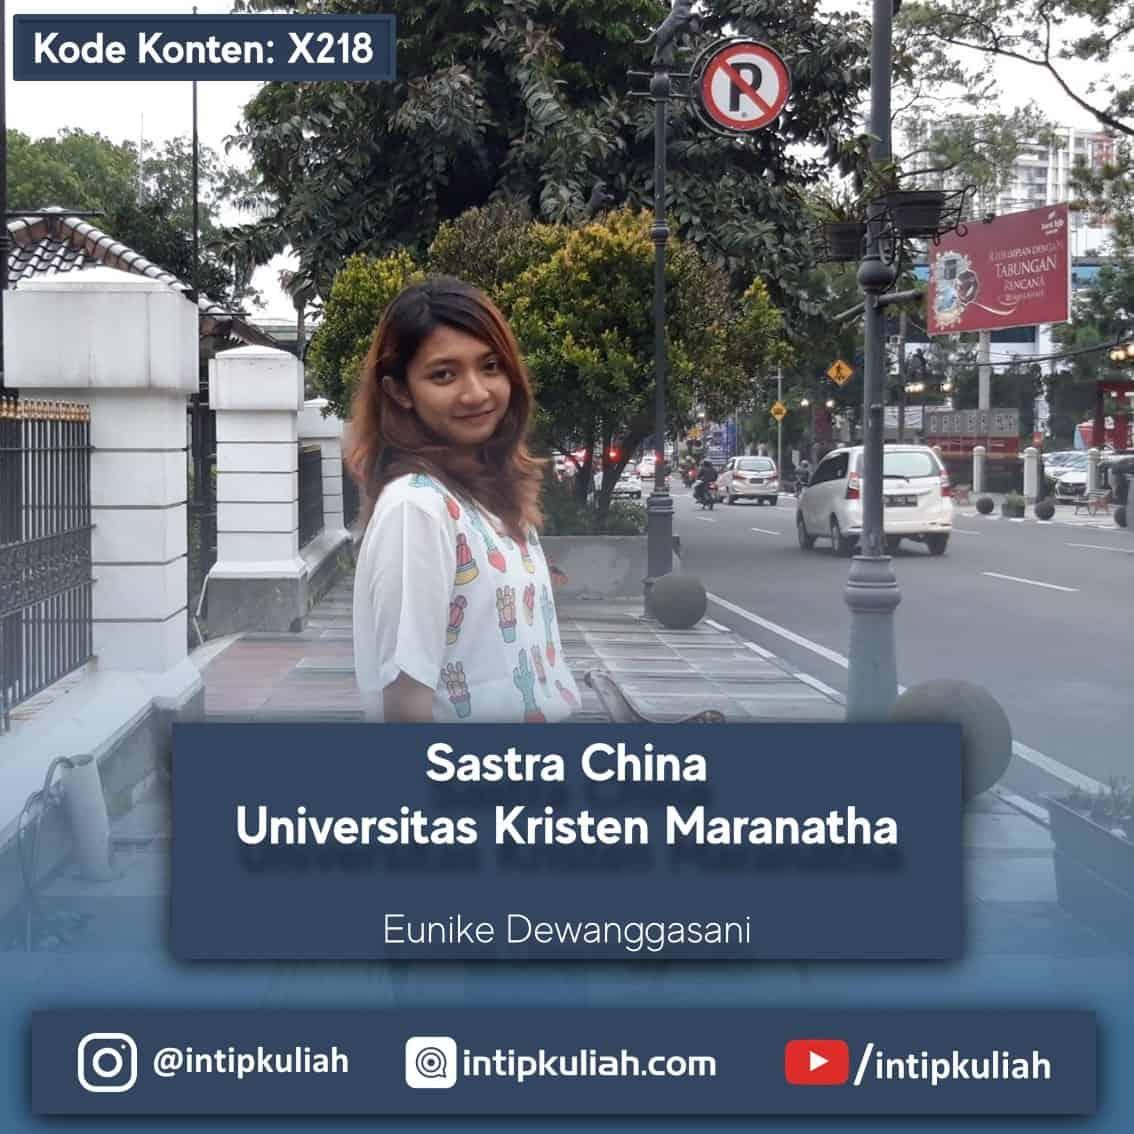 Sastra China Universitas Kristen Maranatha (Angga)